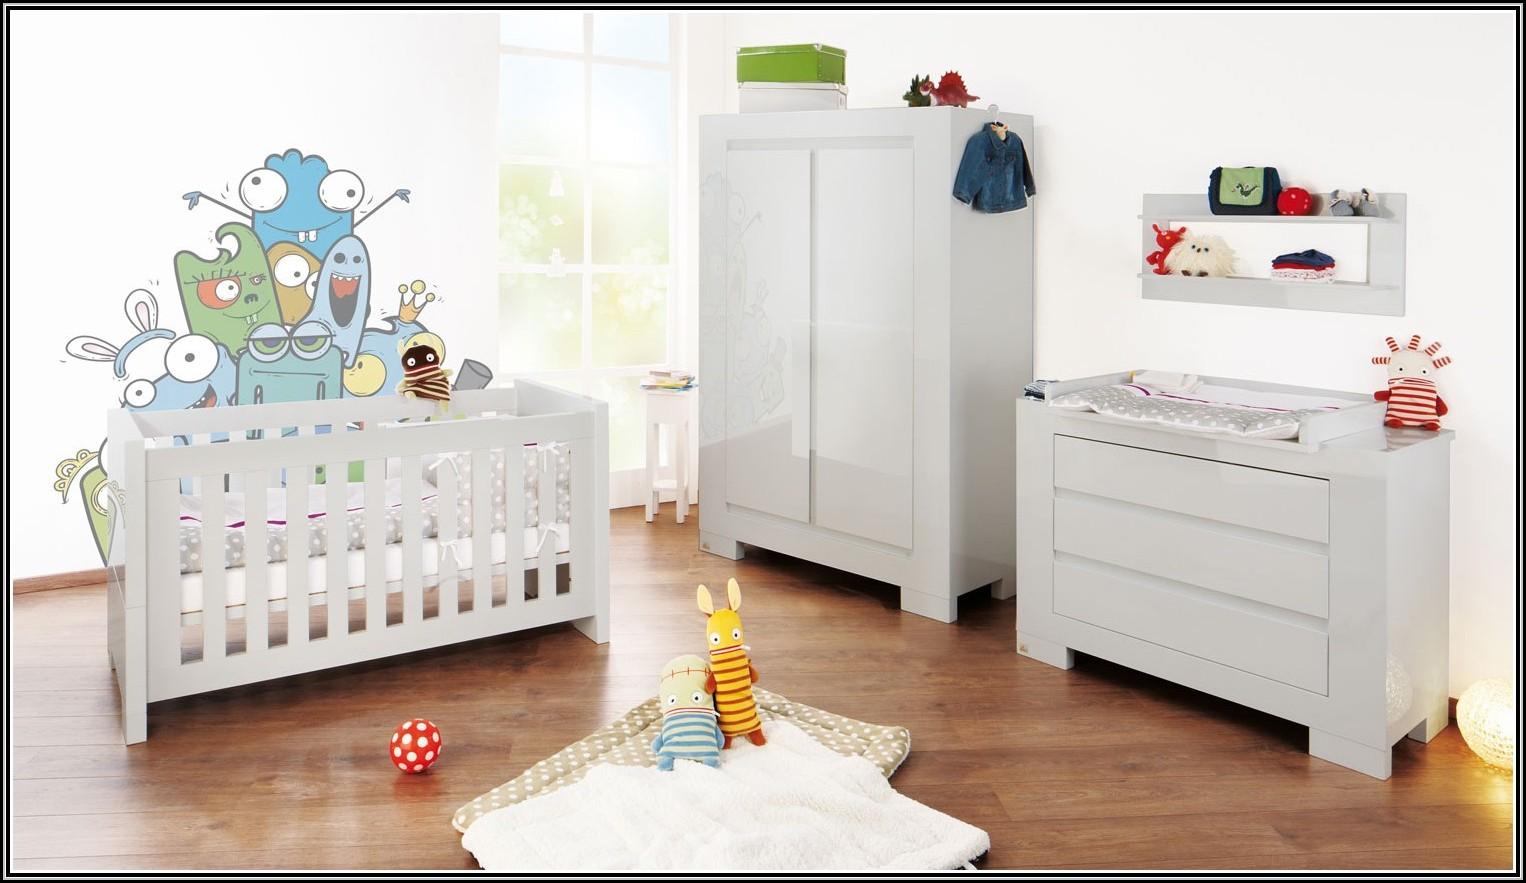 Pinolino kinderzimmer nina gebraucht kinderzimme house und dekor galerie nvrpxpprmo - Kinderzimmer gebraucht ...